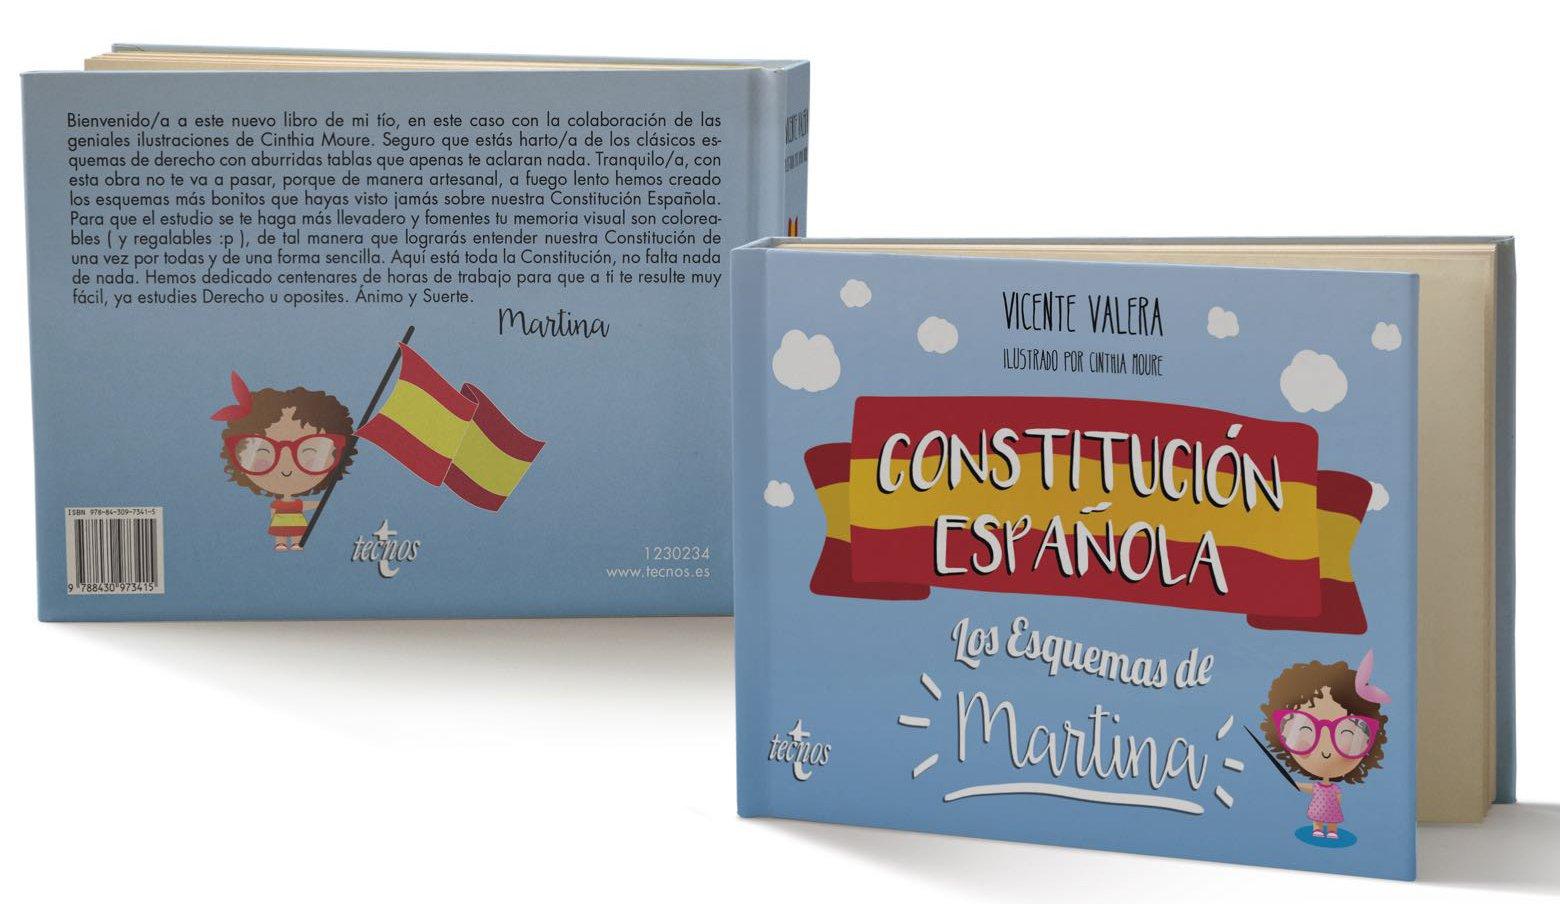 Constitución Española Los Esquemas De Martina Derecho Práctica Jurídica Amazon Es Valera Vicente Moure Cinthia Libros